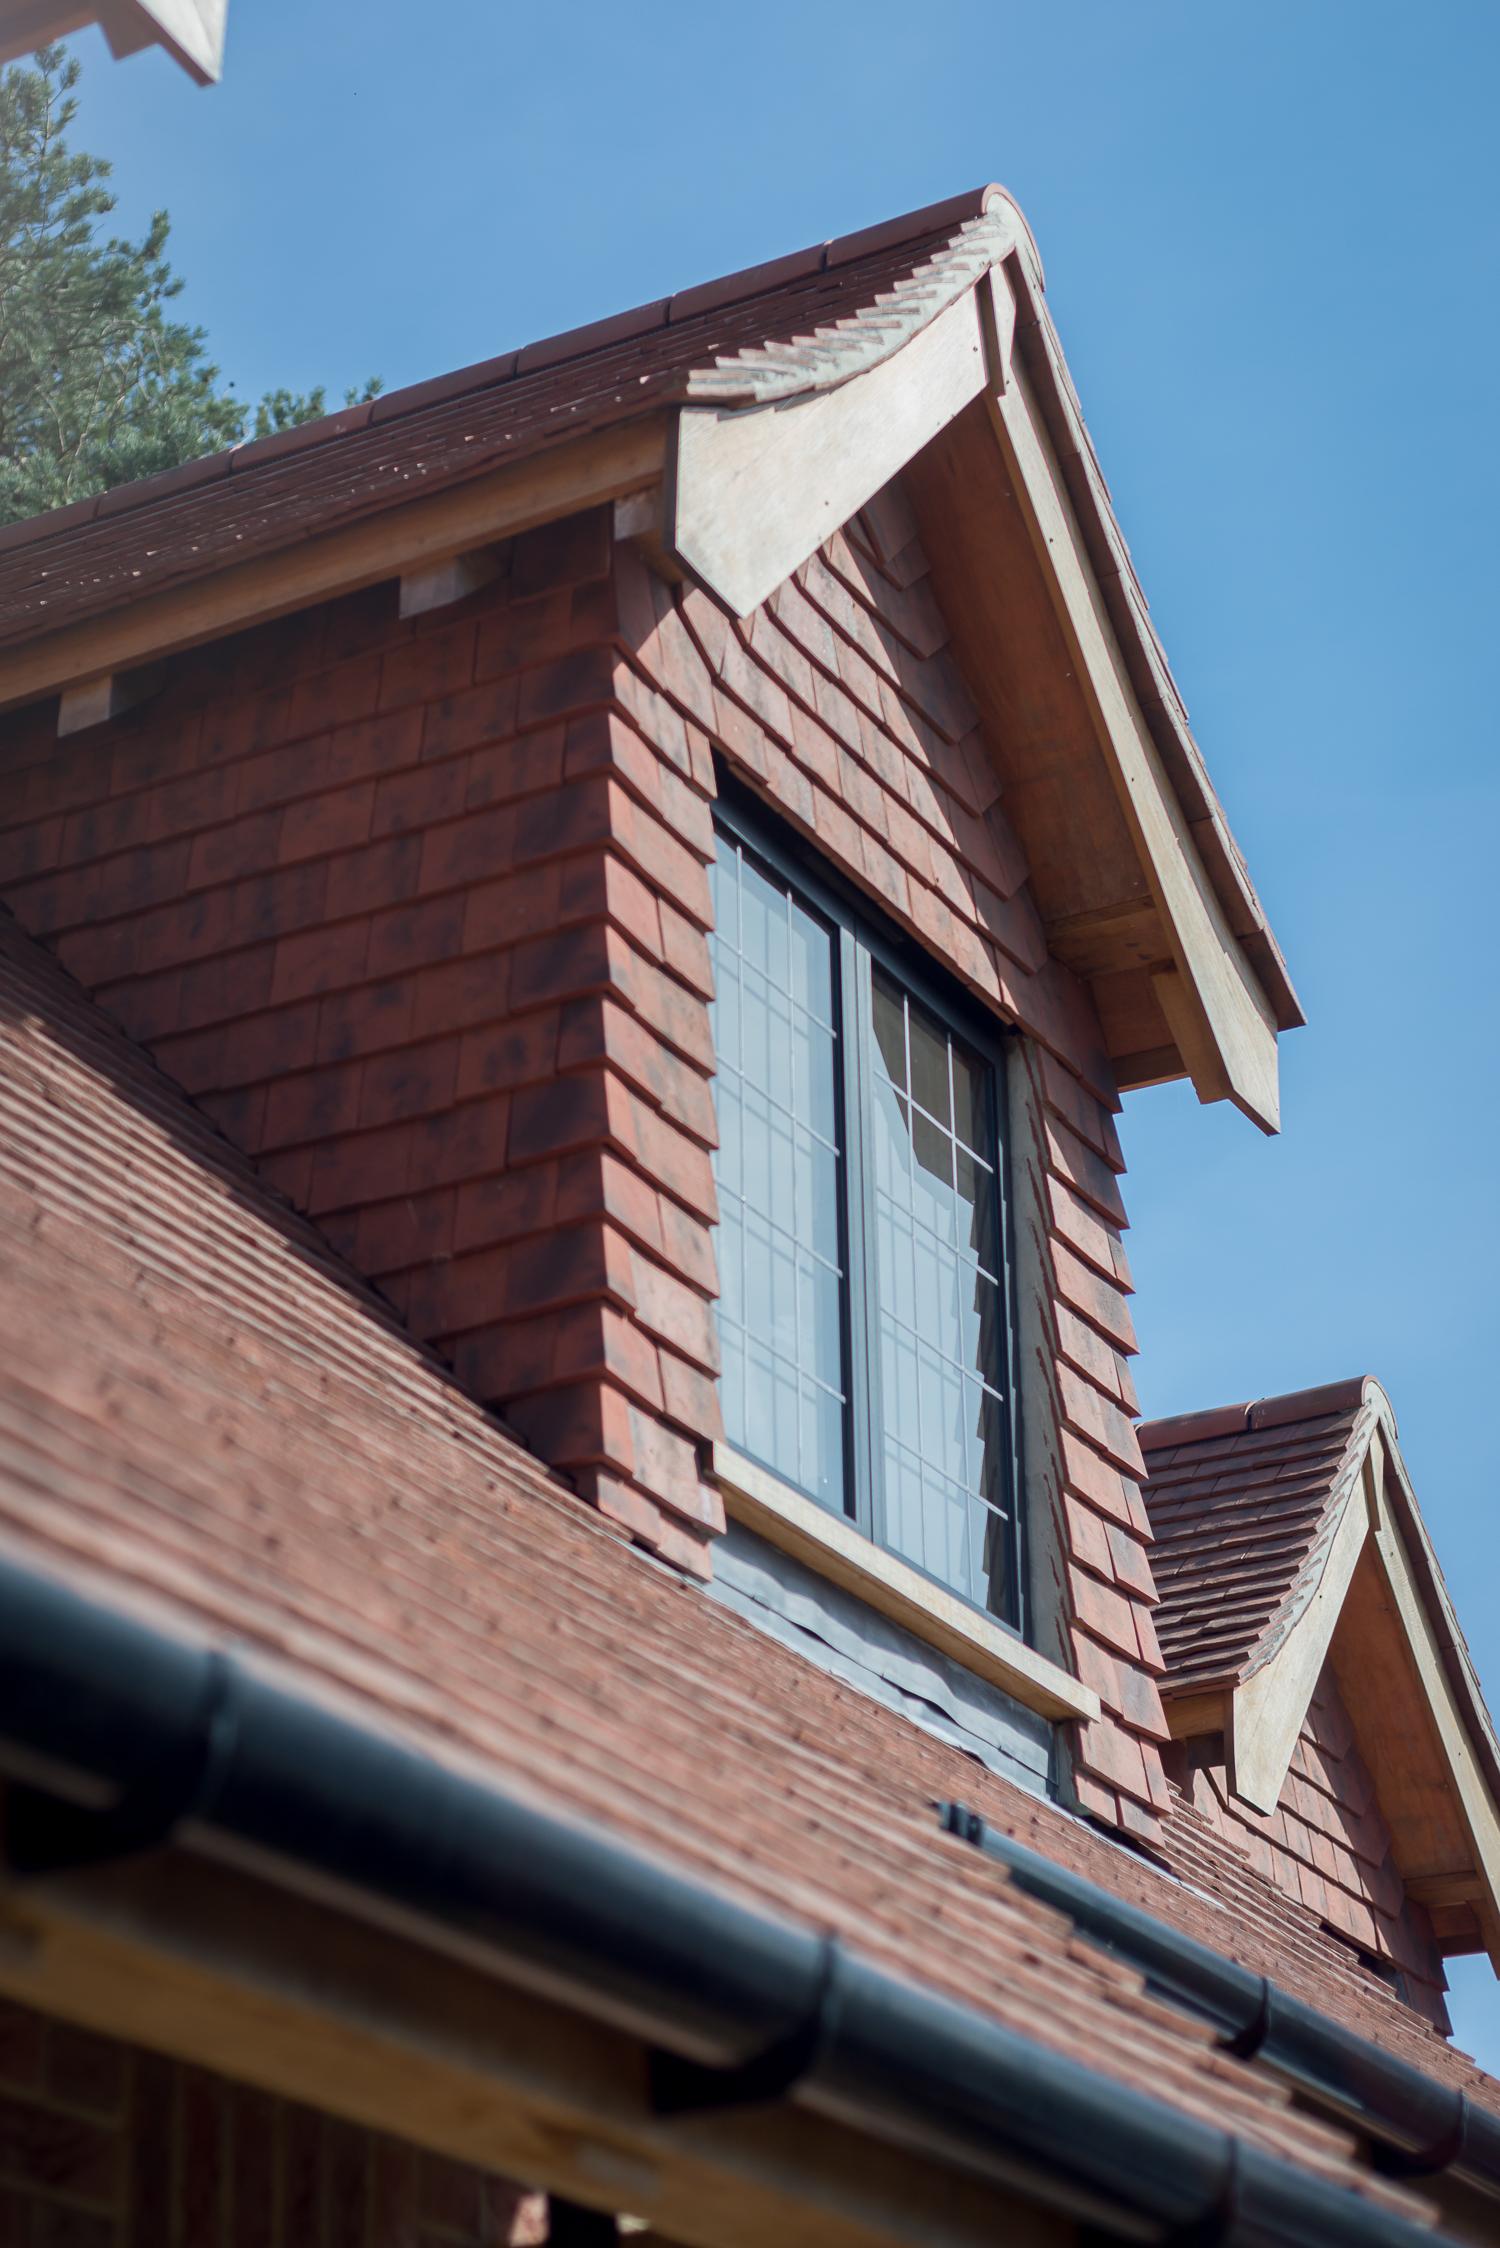 Tile Hung Dormer Window